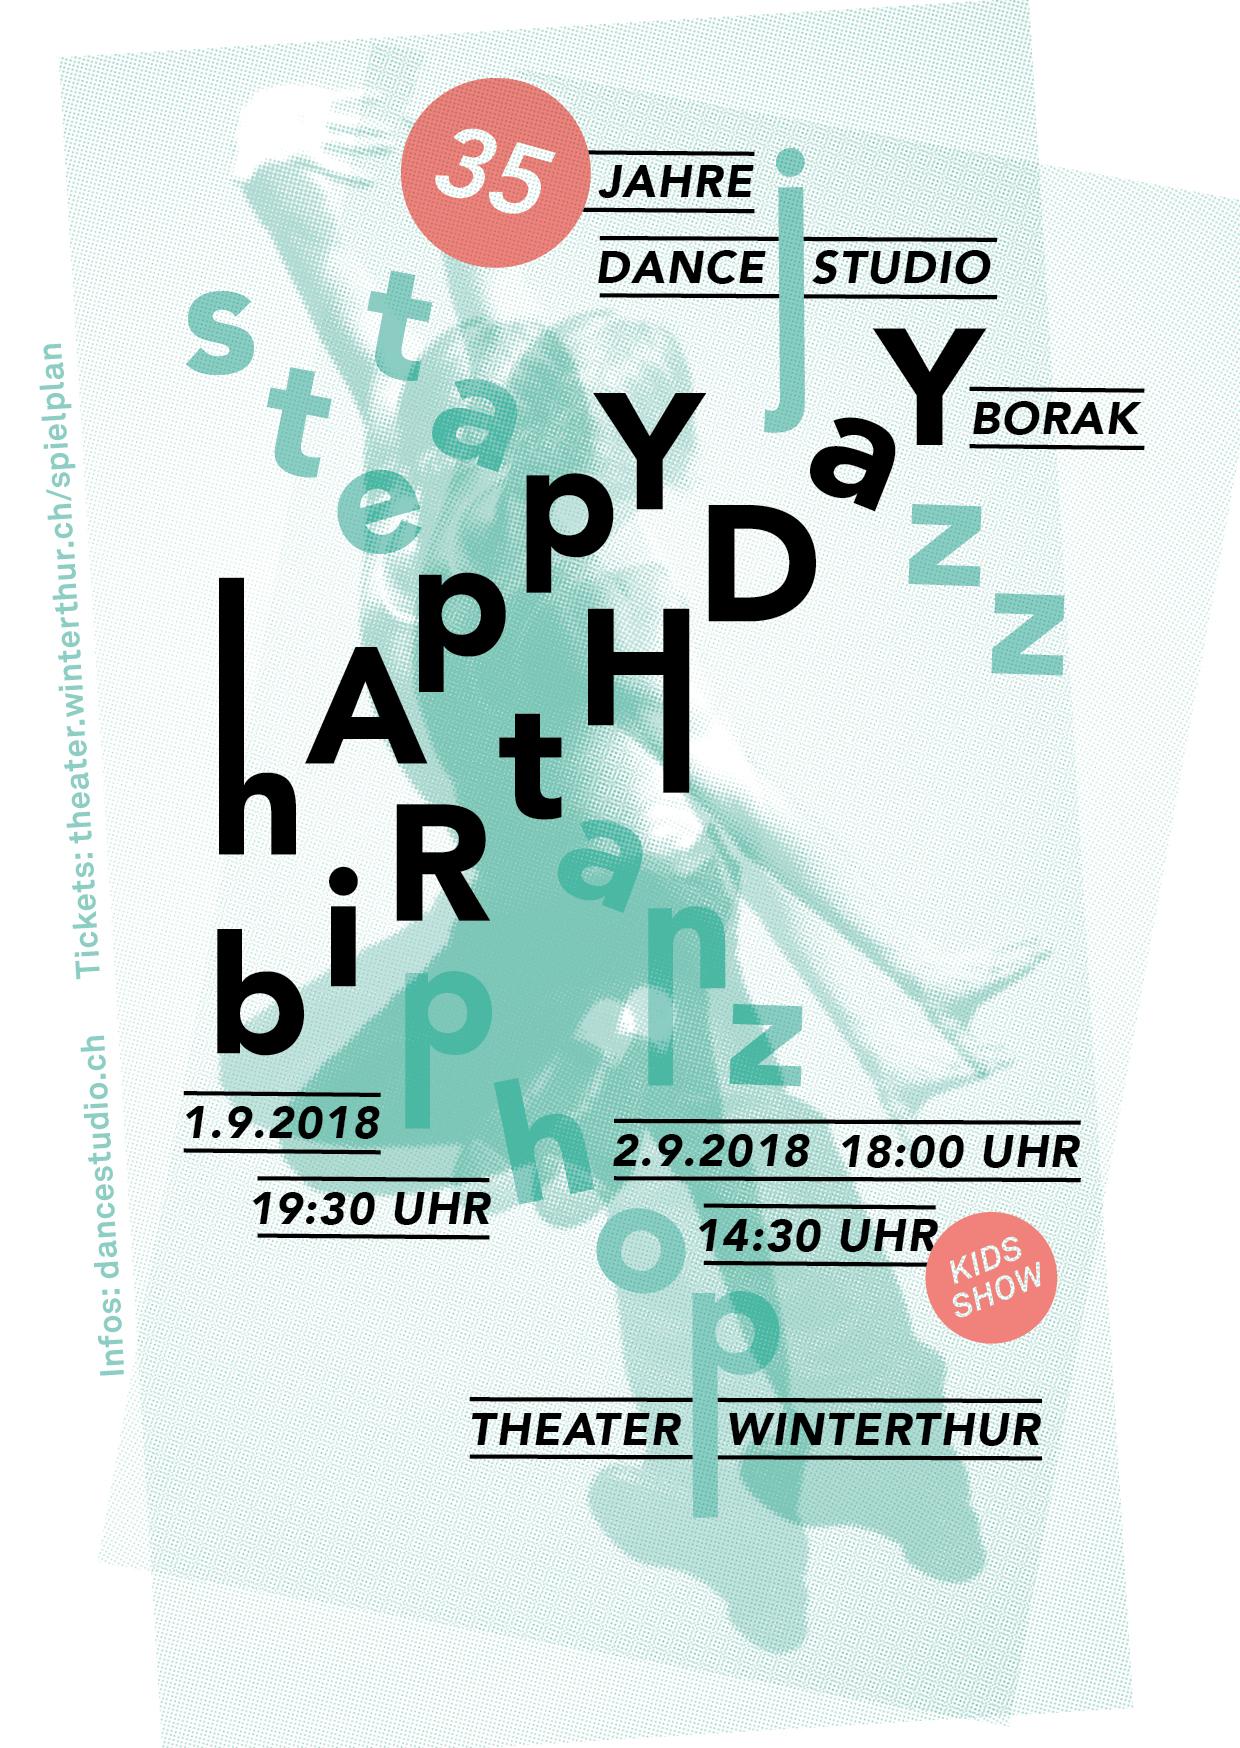 Dancestudio_Flyer_A6_neu.jpg